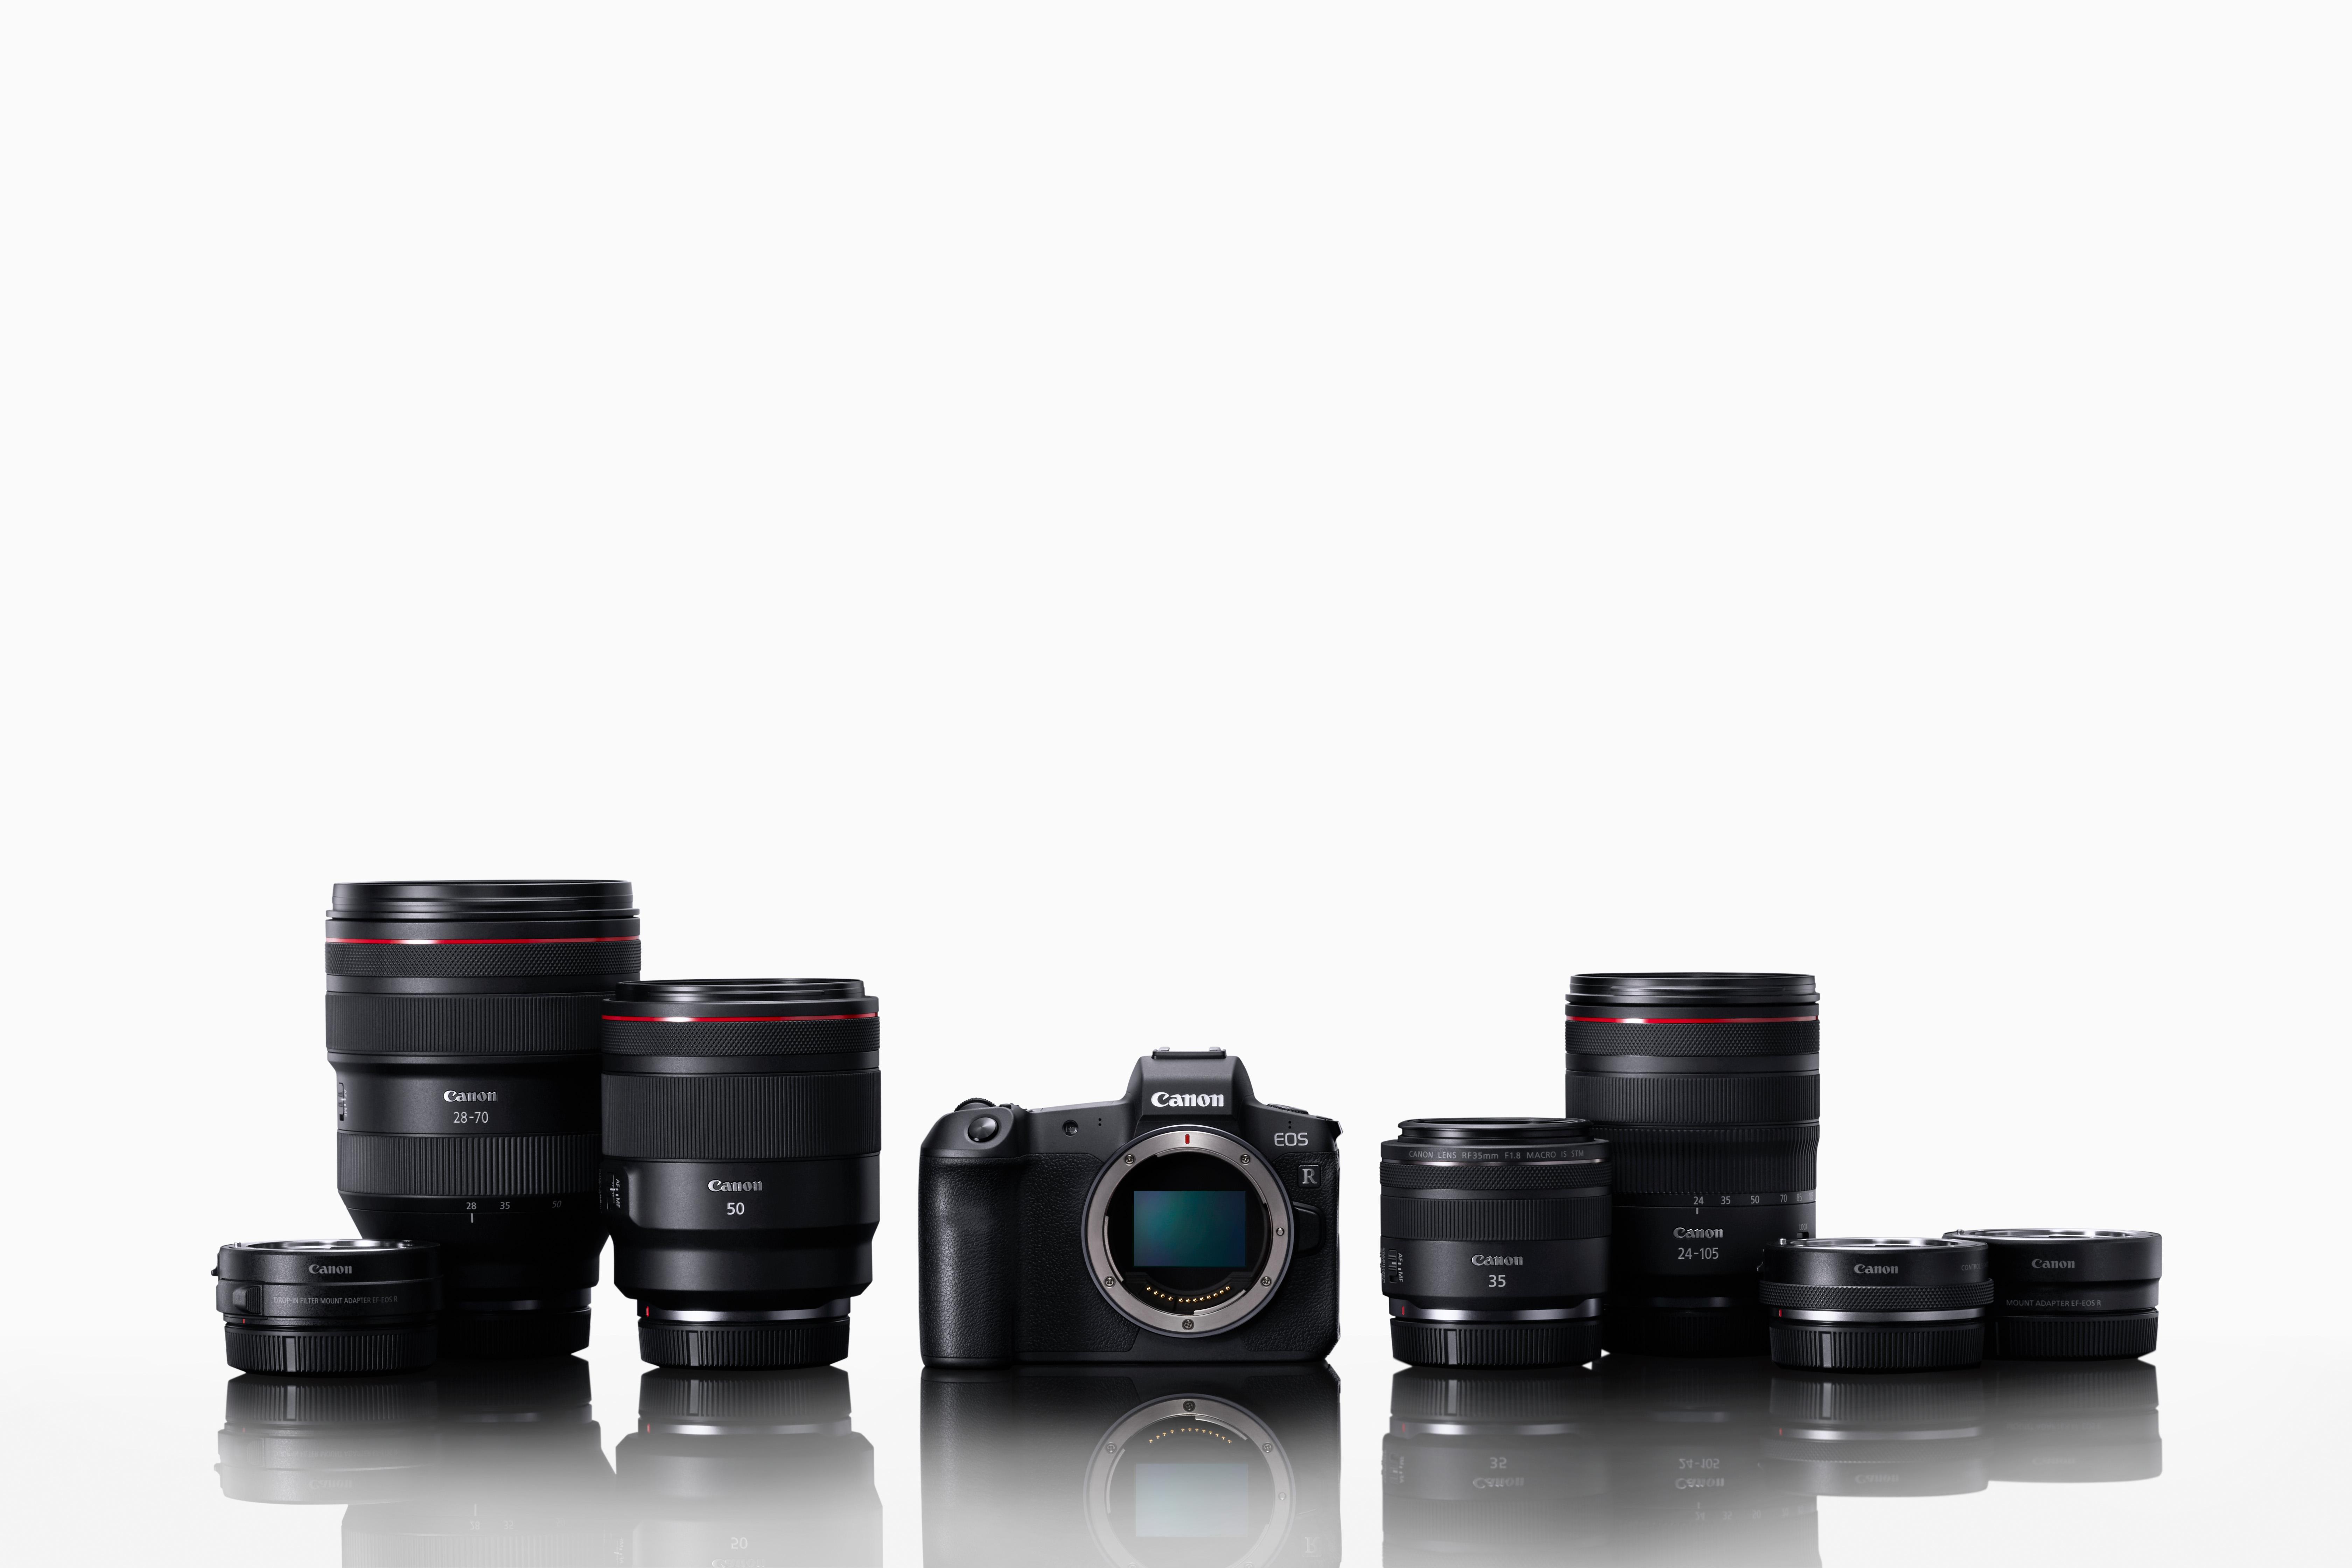 Das neue EOS-R-System von Canon